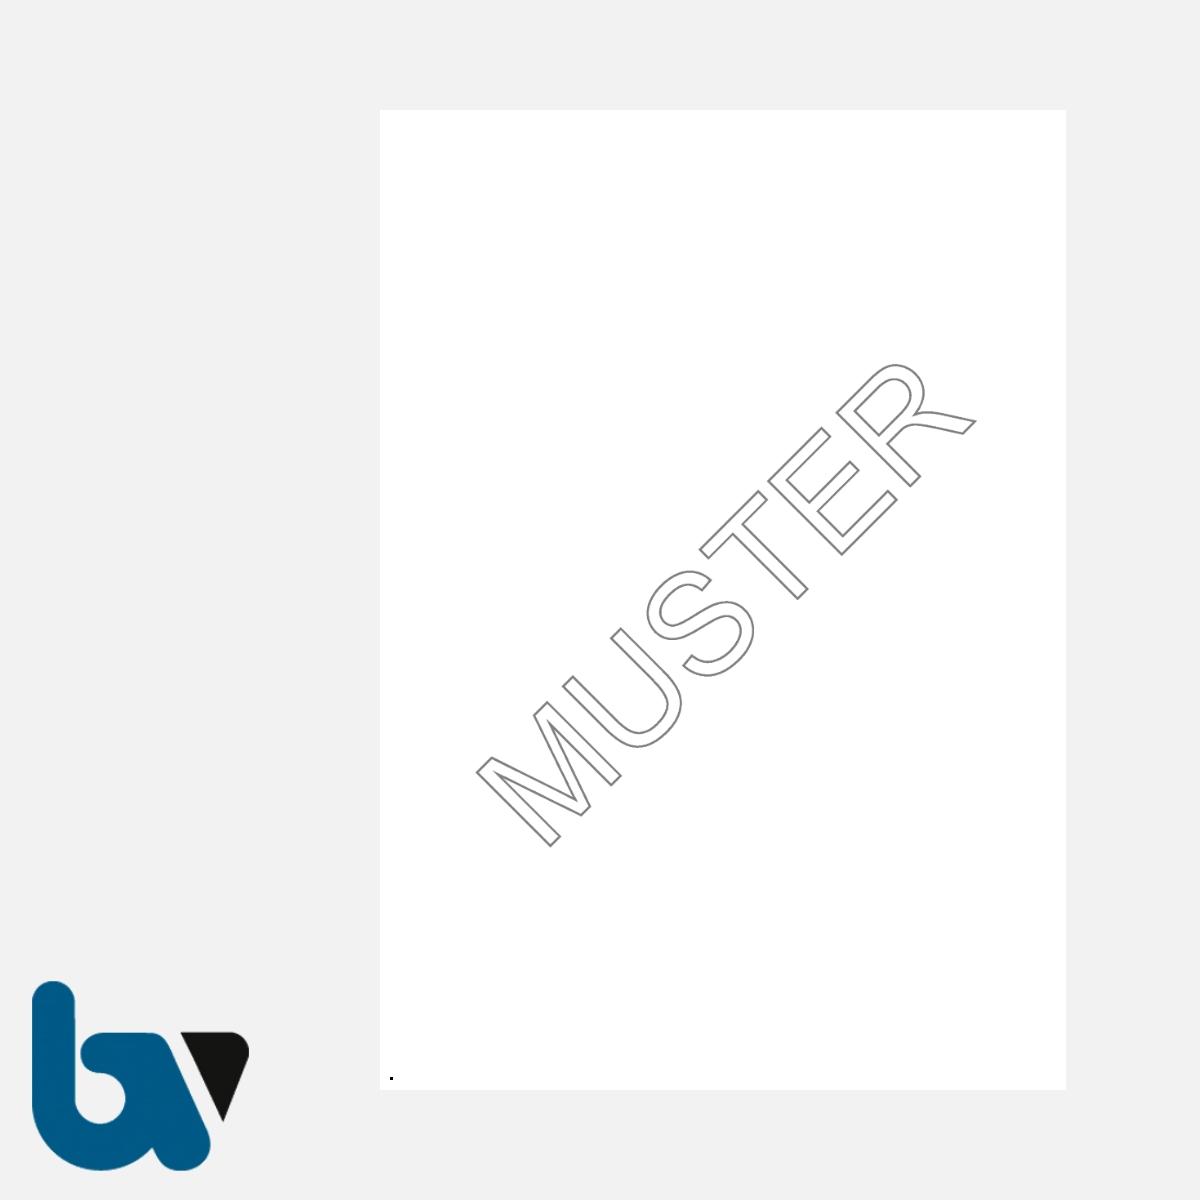 0/168-5.1u Sicherheitspapier Standesamt Personenstand Urkunde Kopierschutz Scanschutz Dokument Security ungelocht blanko Stammbuch Format 130 200 | Borgard Verlag GmbH